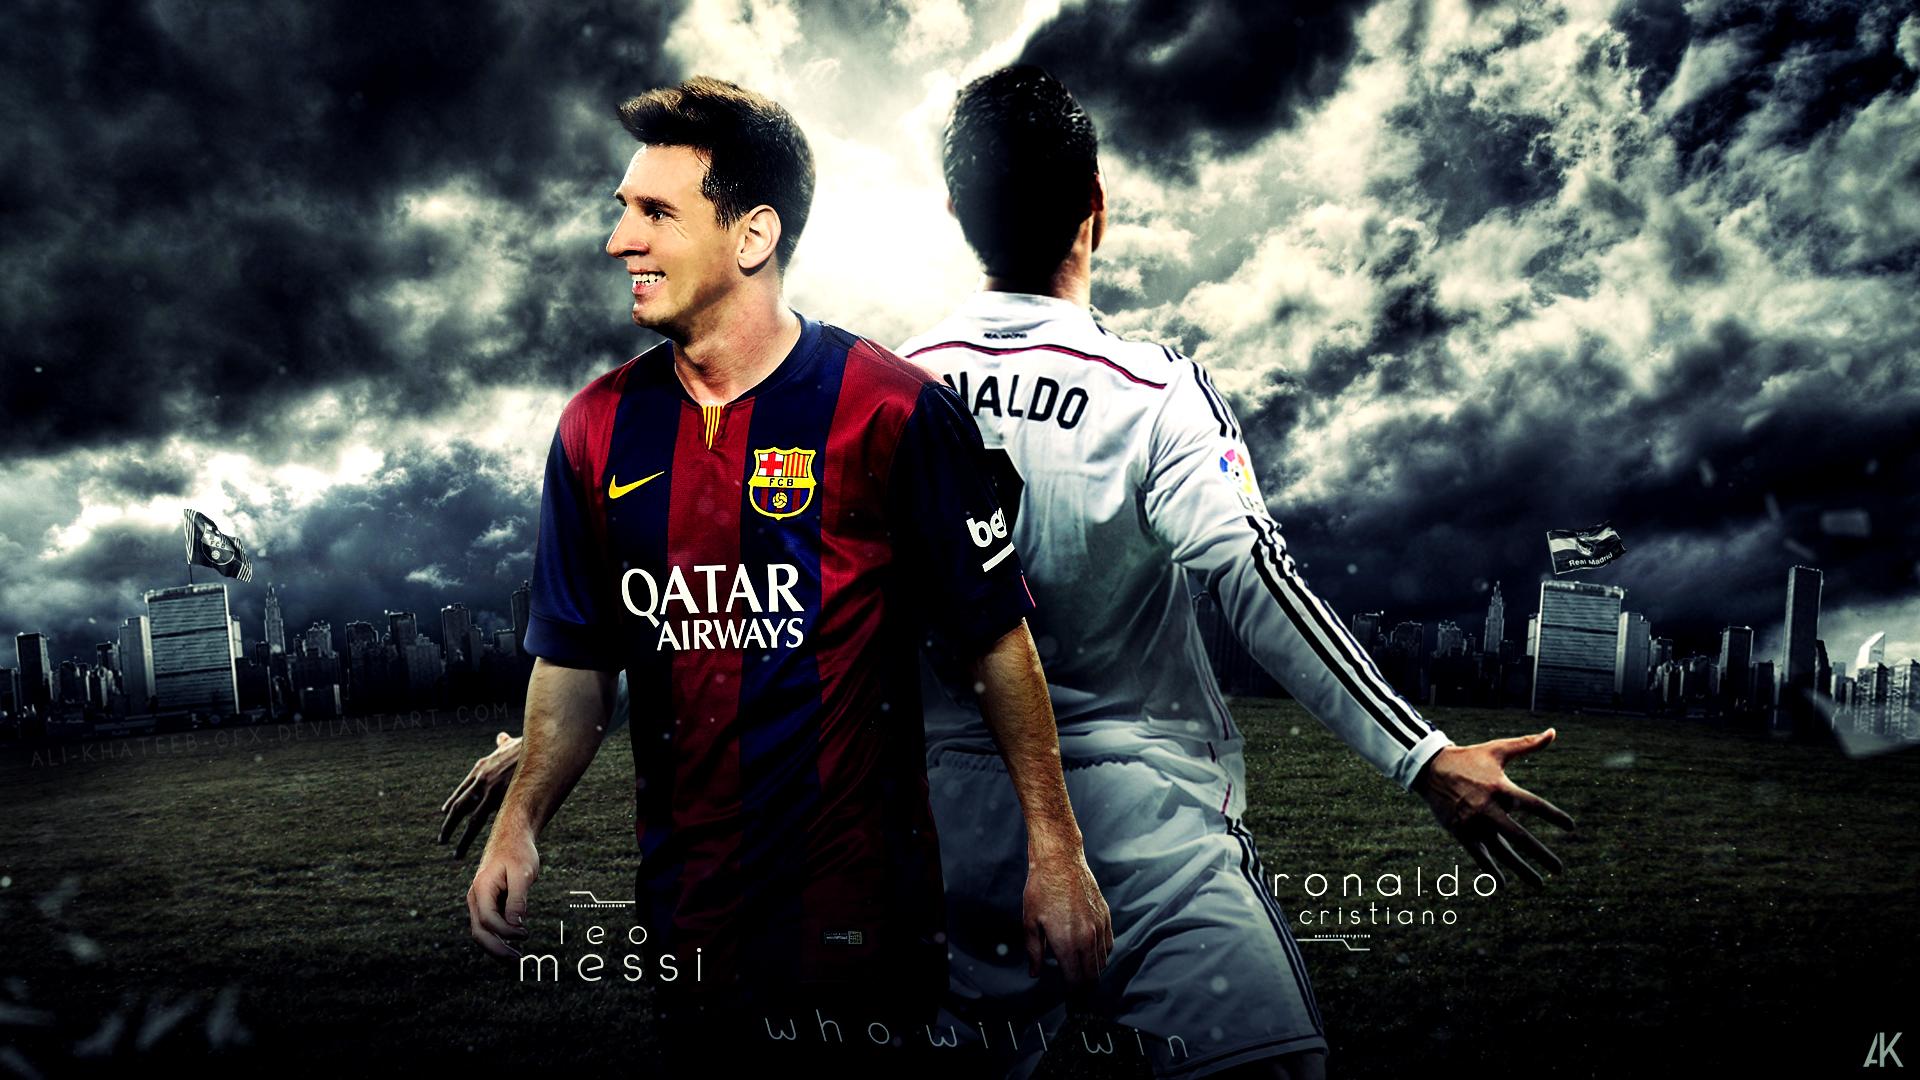 Cristiano Ronaldo Wallpaper 2016 1920x1080